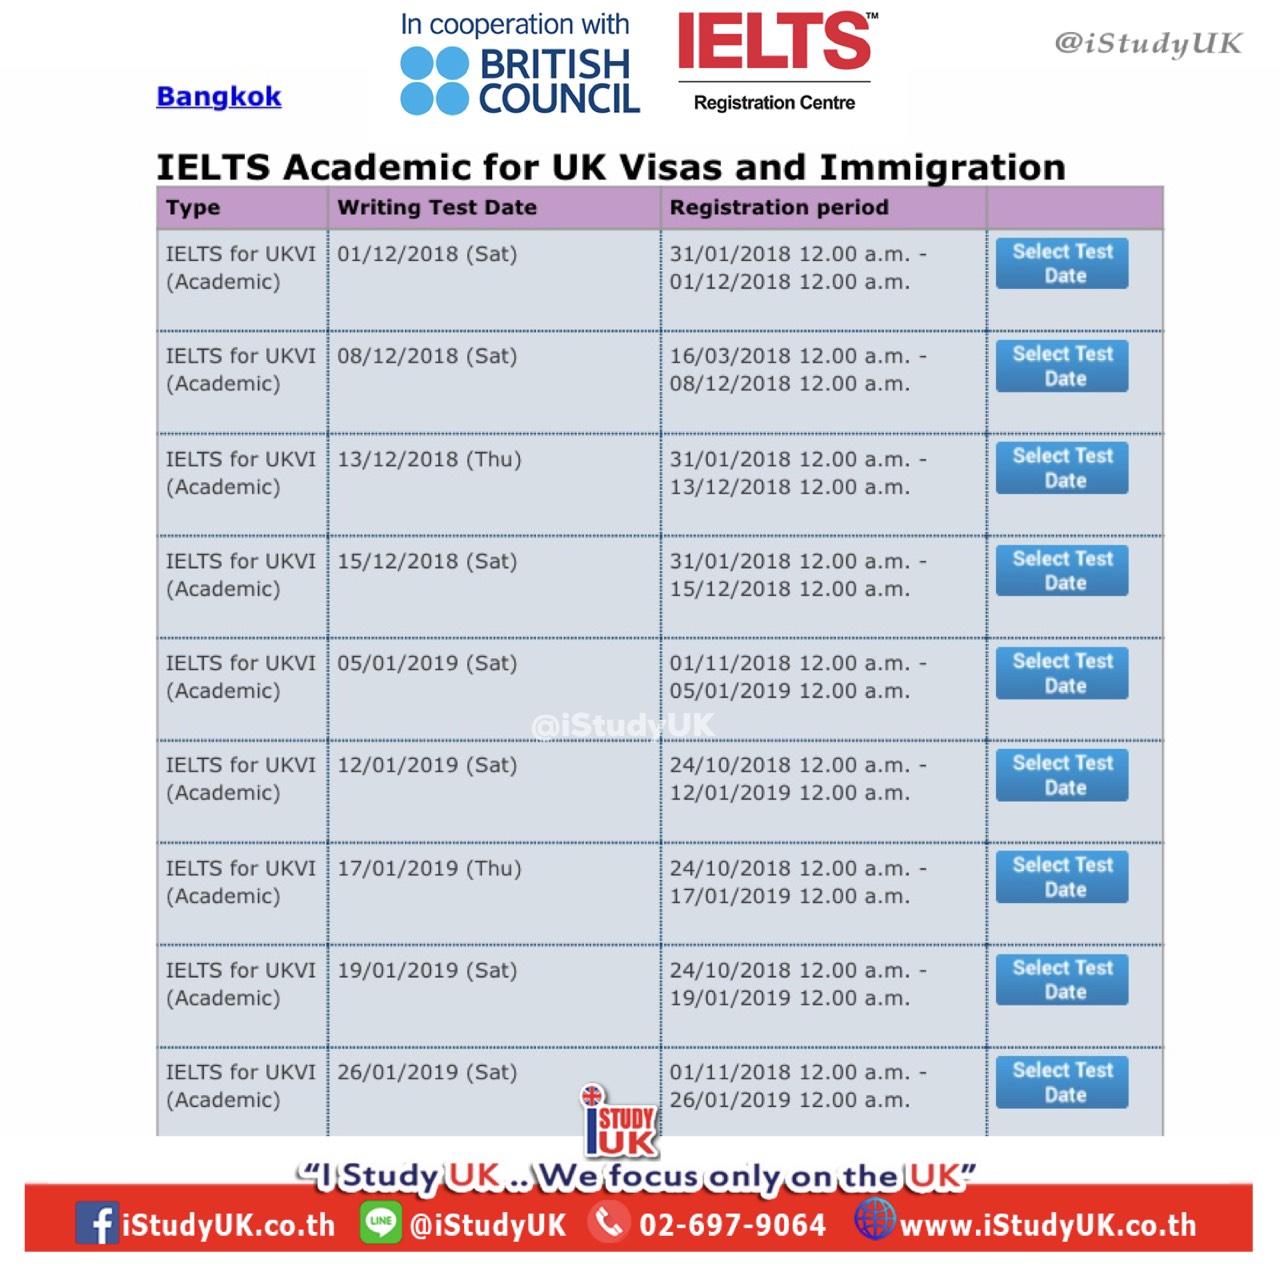 สมัครสอบ IELTS กับศูนย์สมัครสอบที่ได้รับการรับรองจาก British Council